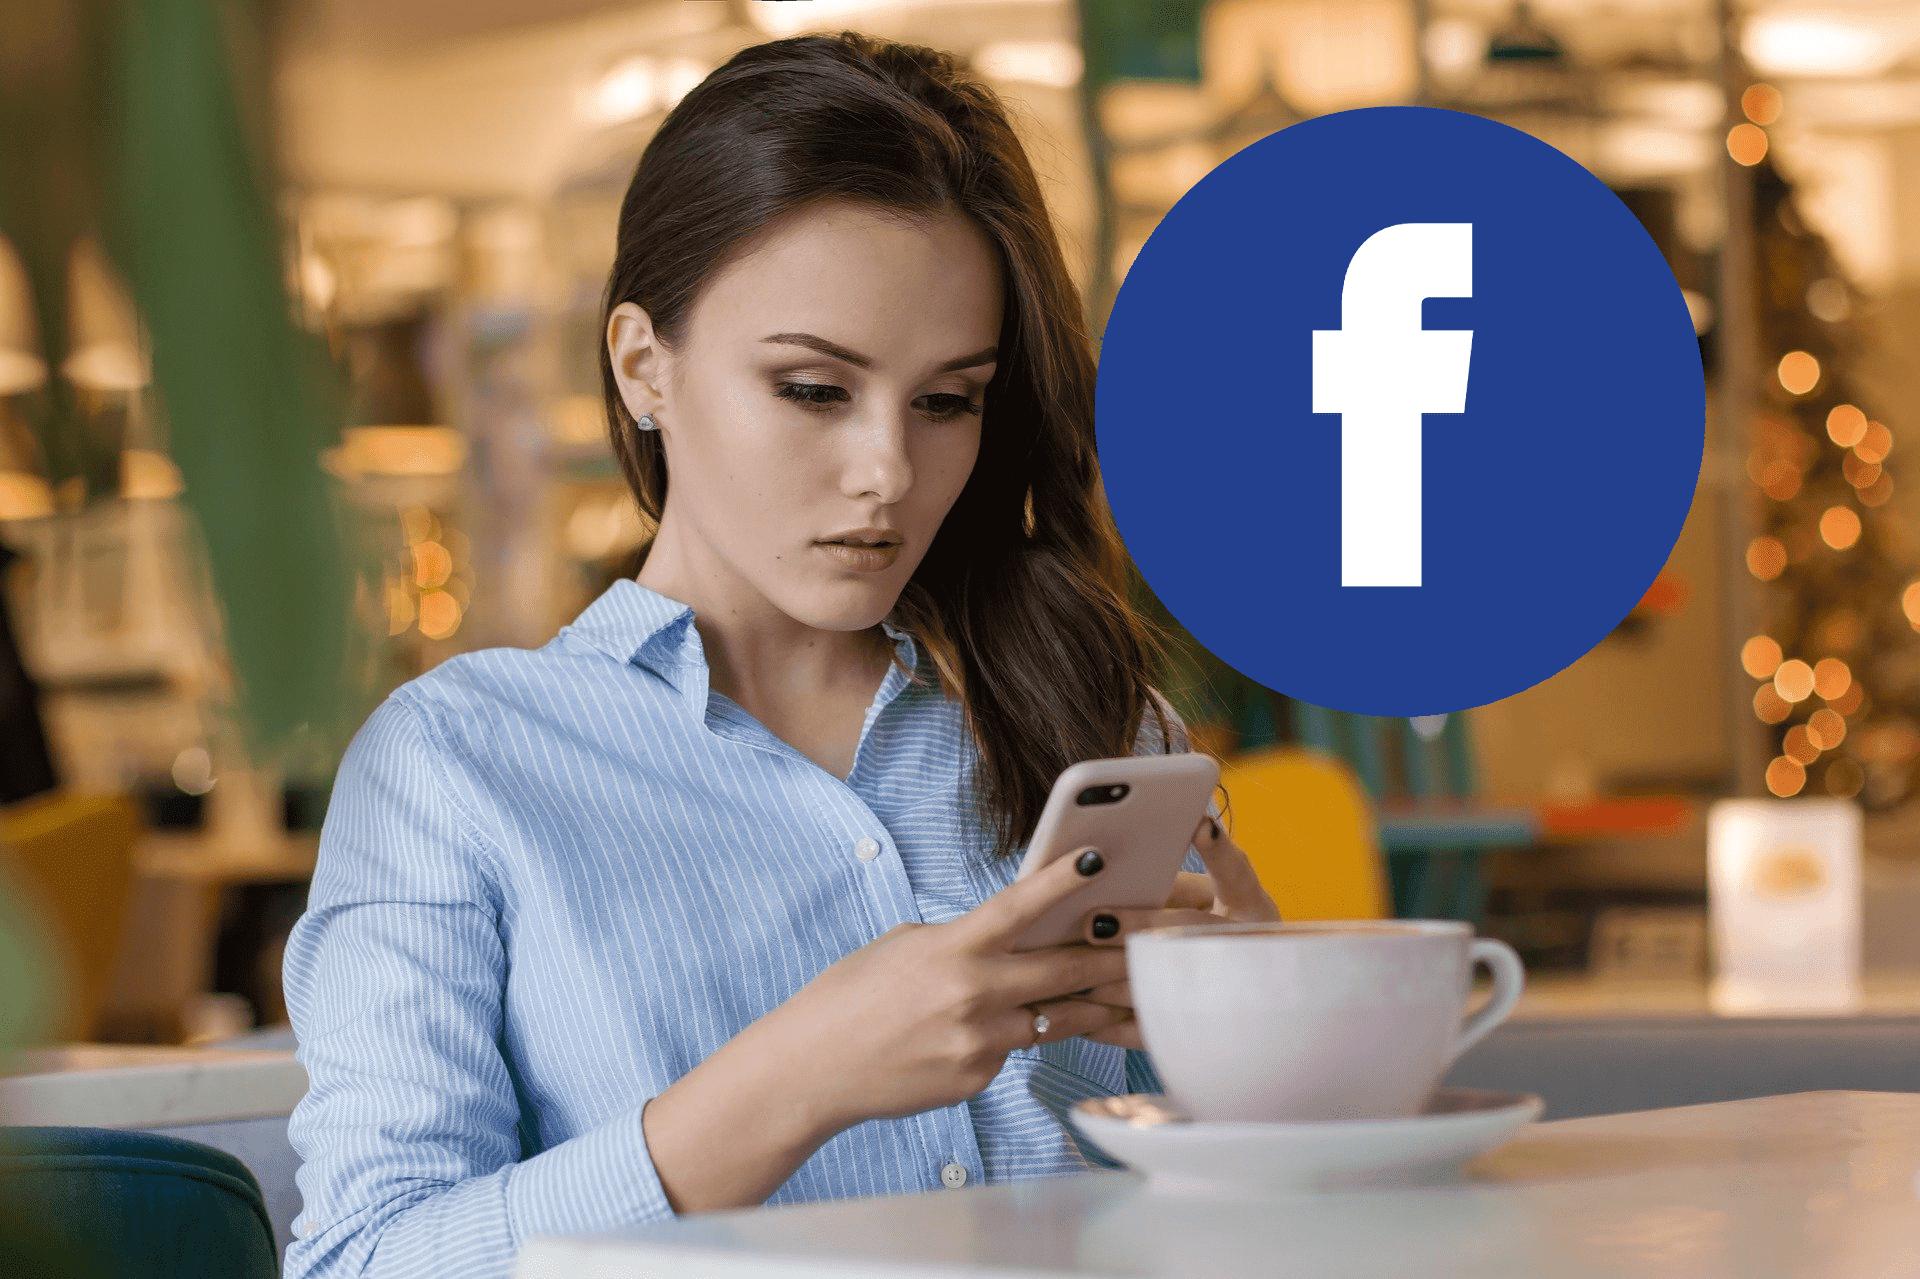 Как настроить двухфакторную аутентификацию в Facebook